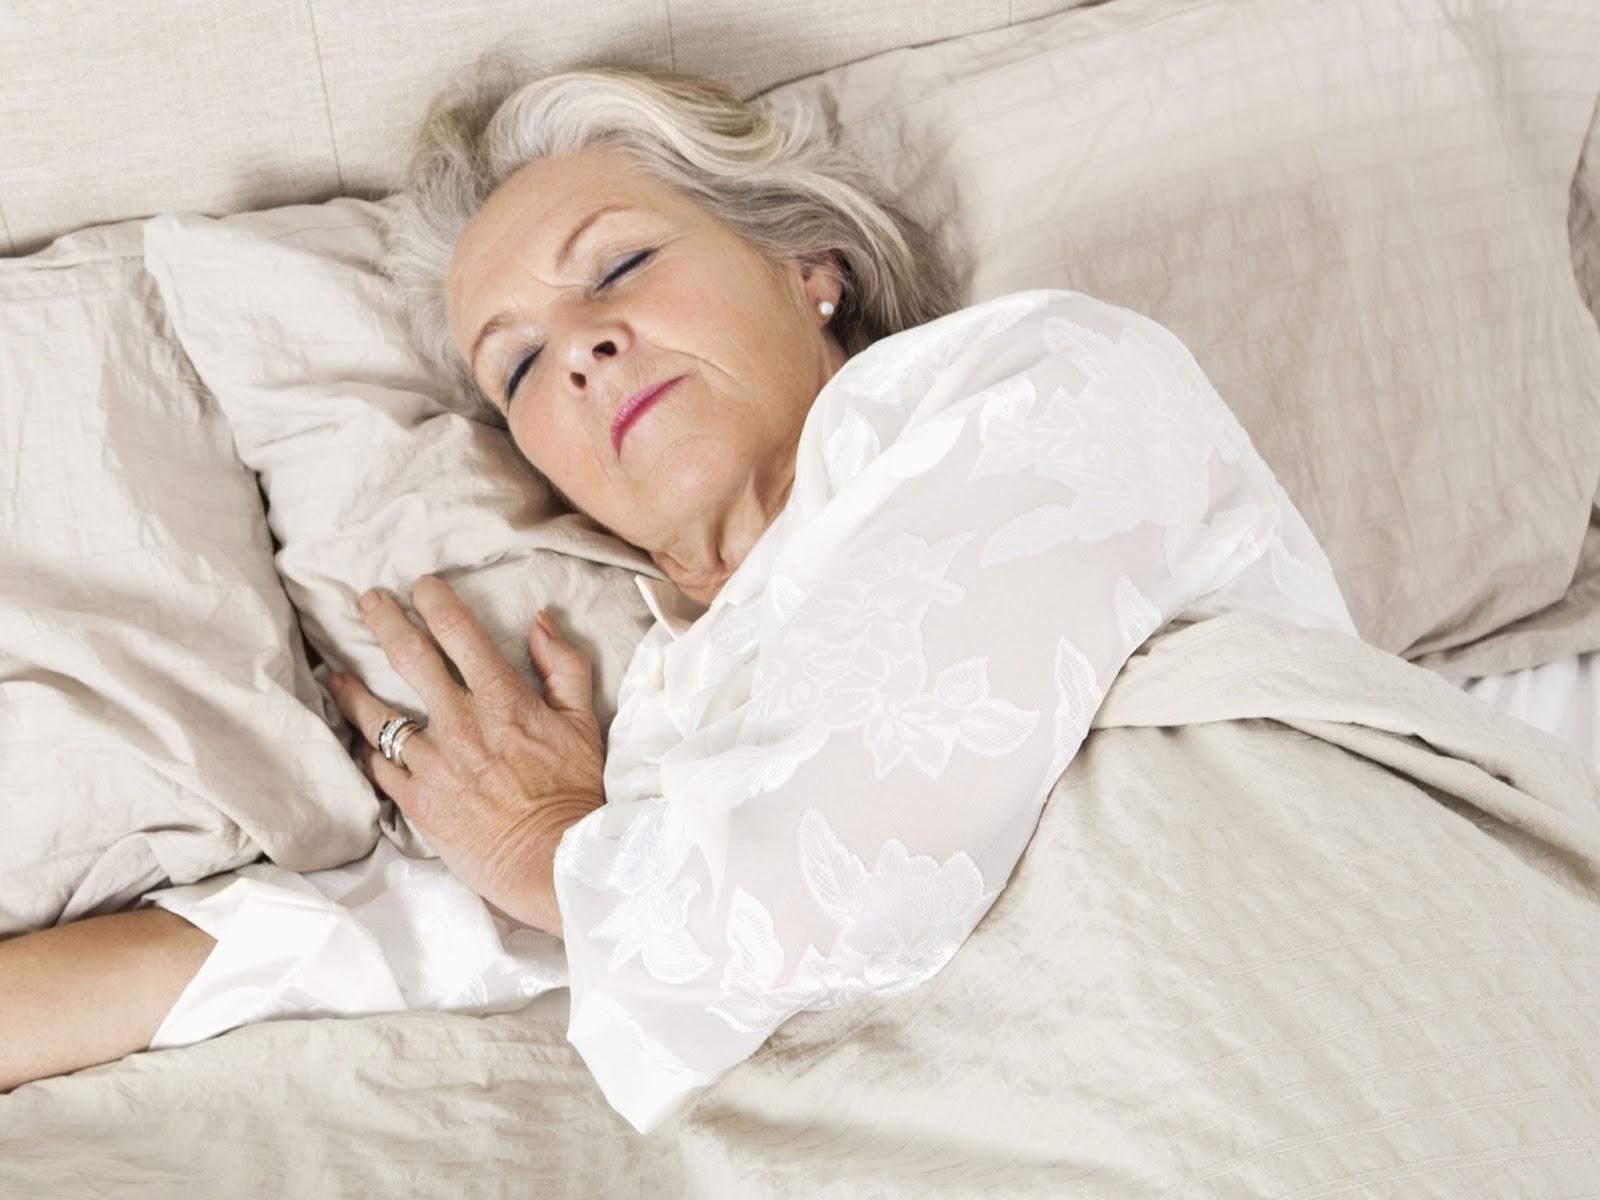 اضطرابات النوم المرتبطة بمرض الزهايمر